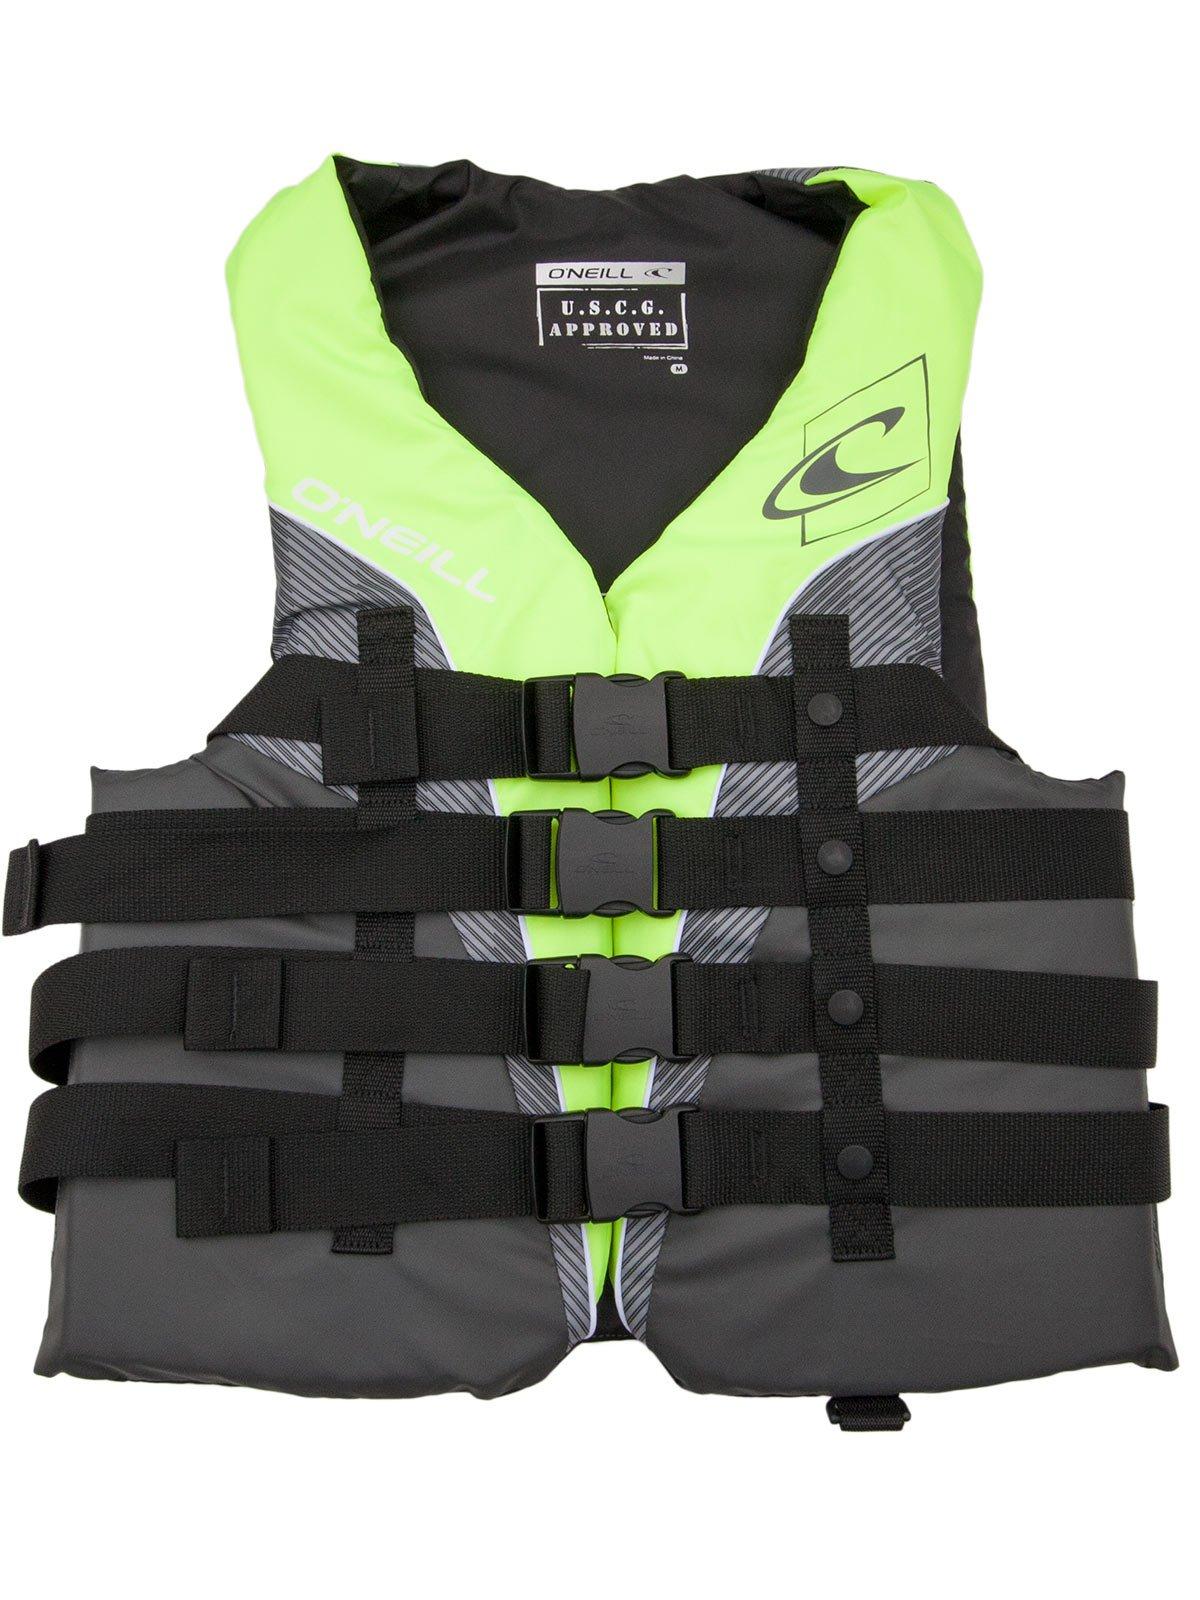 O'Neill Mens Superlite USCG Life Vest XL Lime/Graphite/Smoke/White (4723)